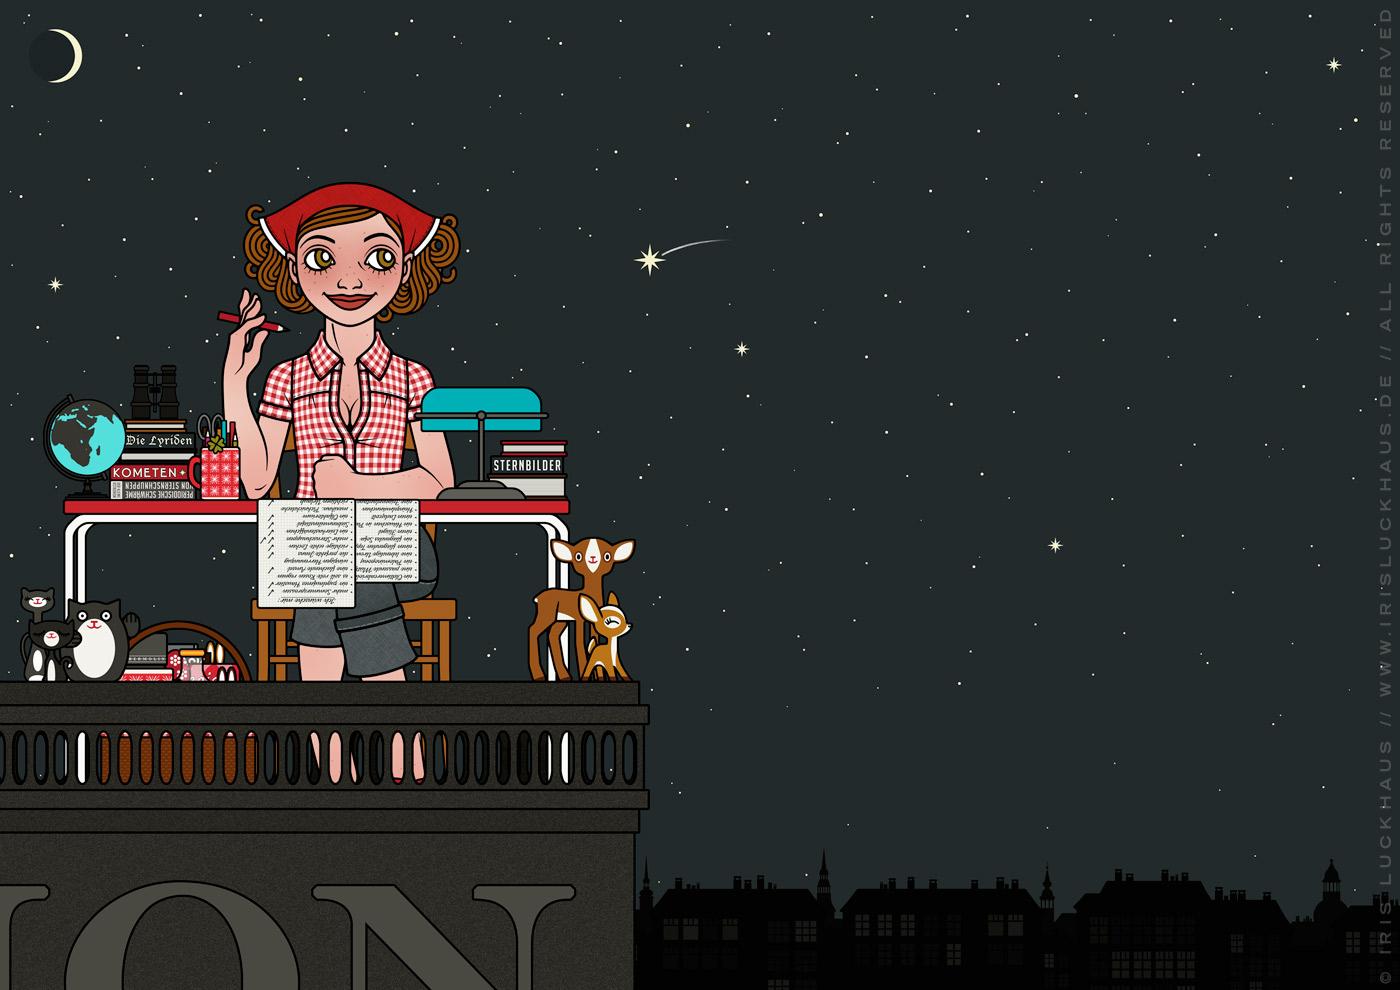 Zeichnung von einem Mädchen, das mit Schreibtisch, Stuhl, Tischlampe, Globus, Fernglas und Büchern bei Nacht auf einem Dach sitzt, Stenschnuppen beoachtet und Wünsche auf einer Liste abhakt, für Lily Lux